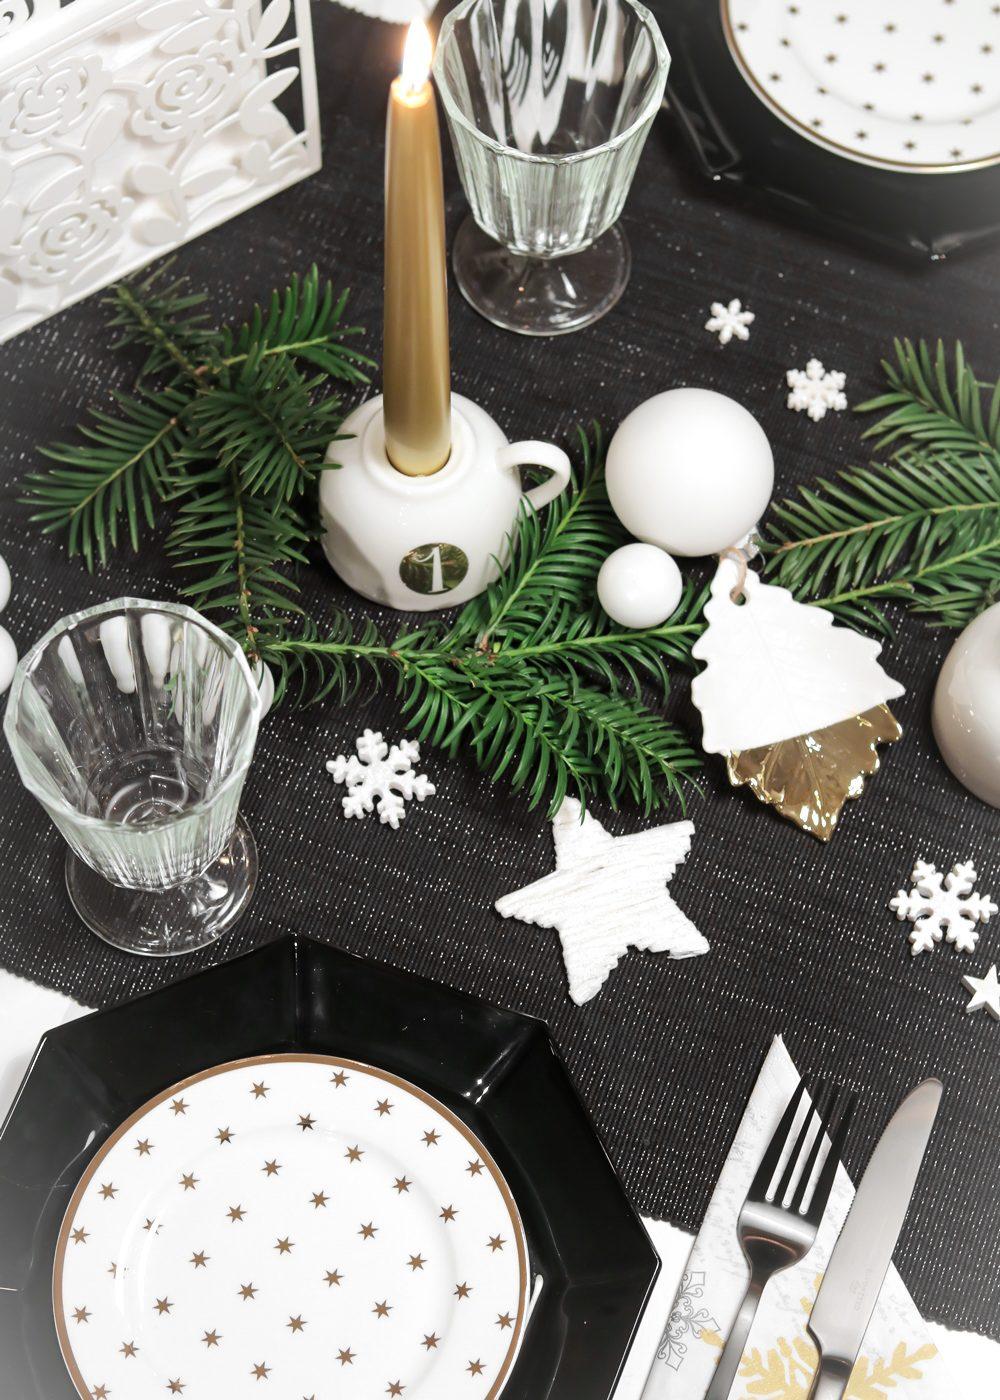 ediths-weihnachten-tischdekoration-advent-schwarzes-besteck-teller-gold-sterne-5